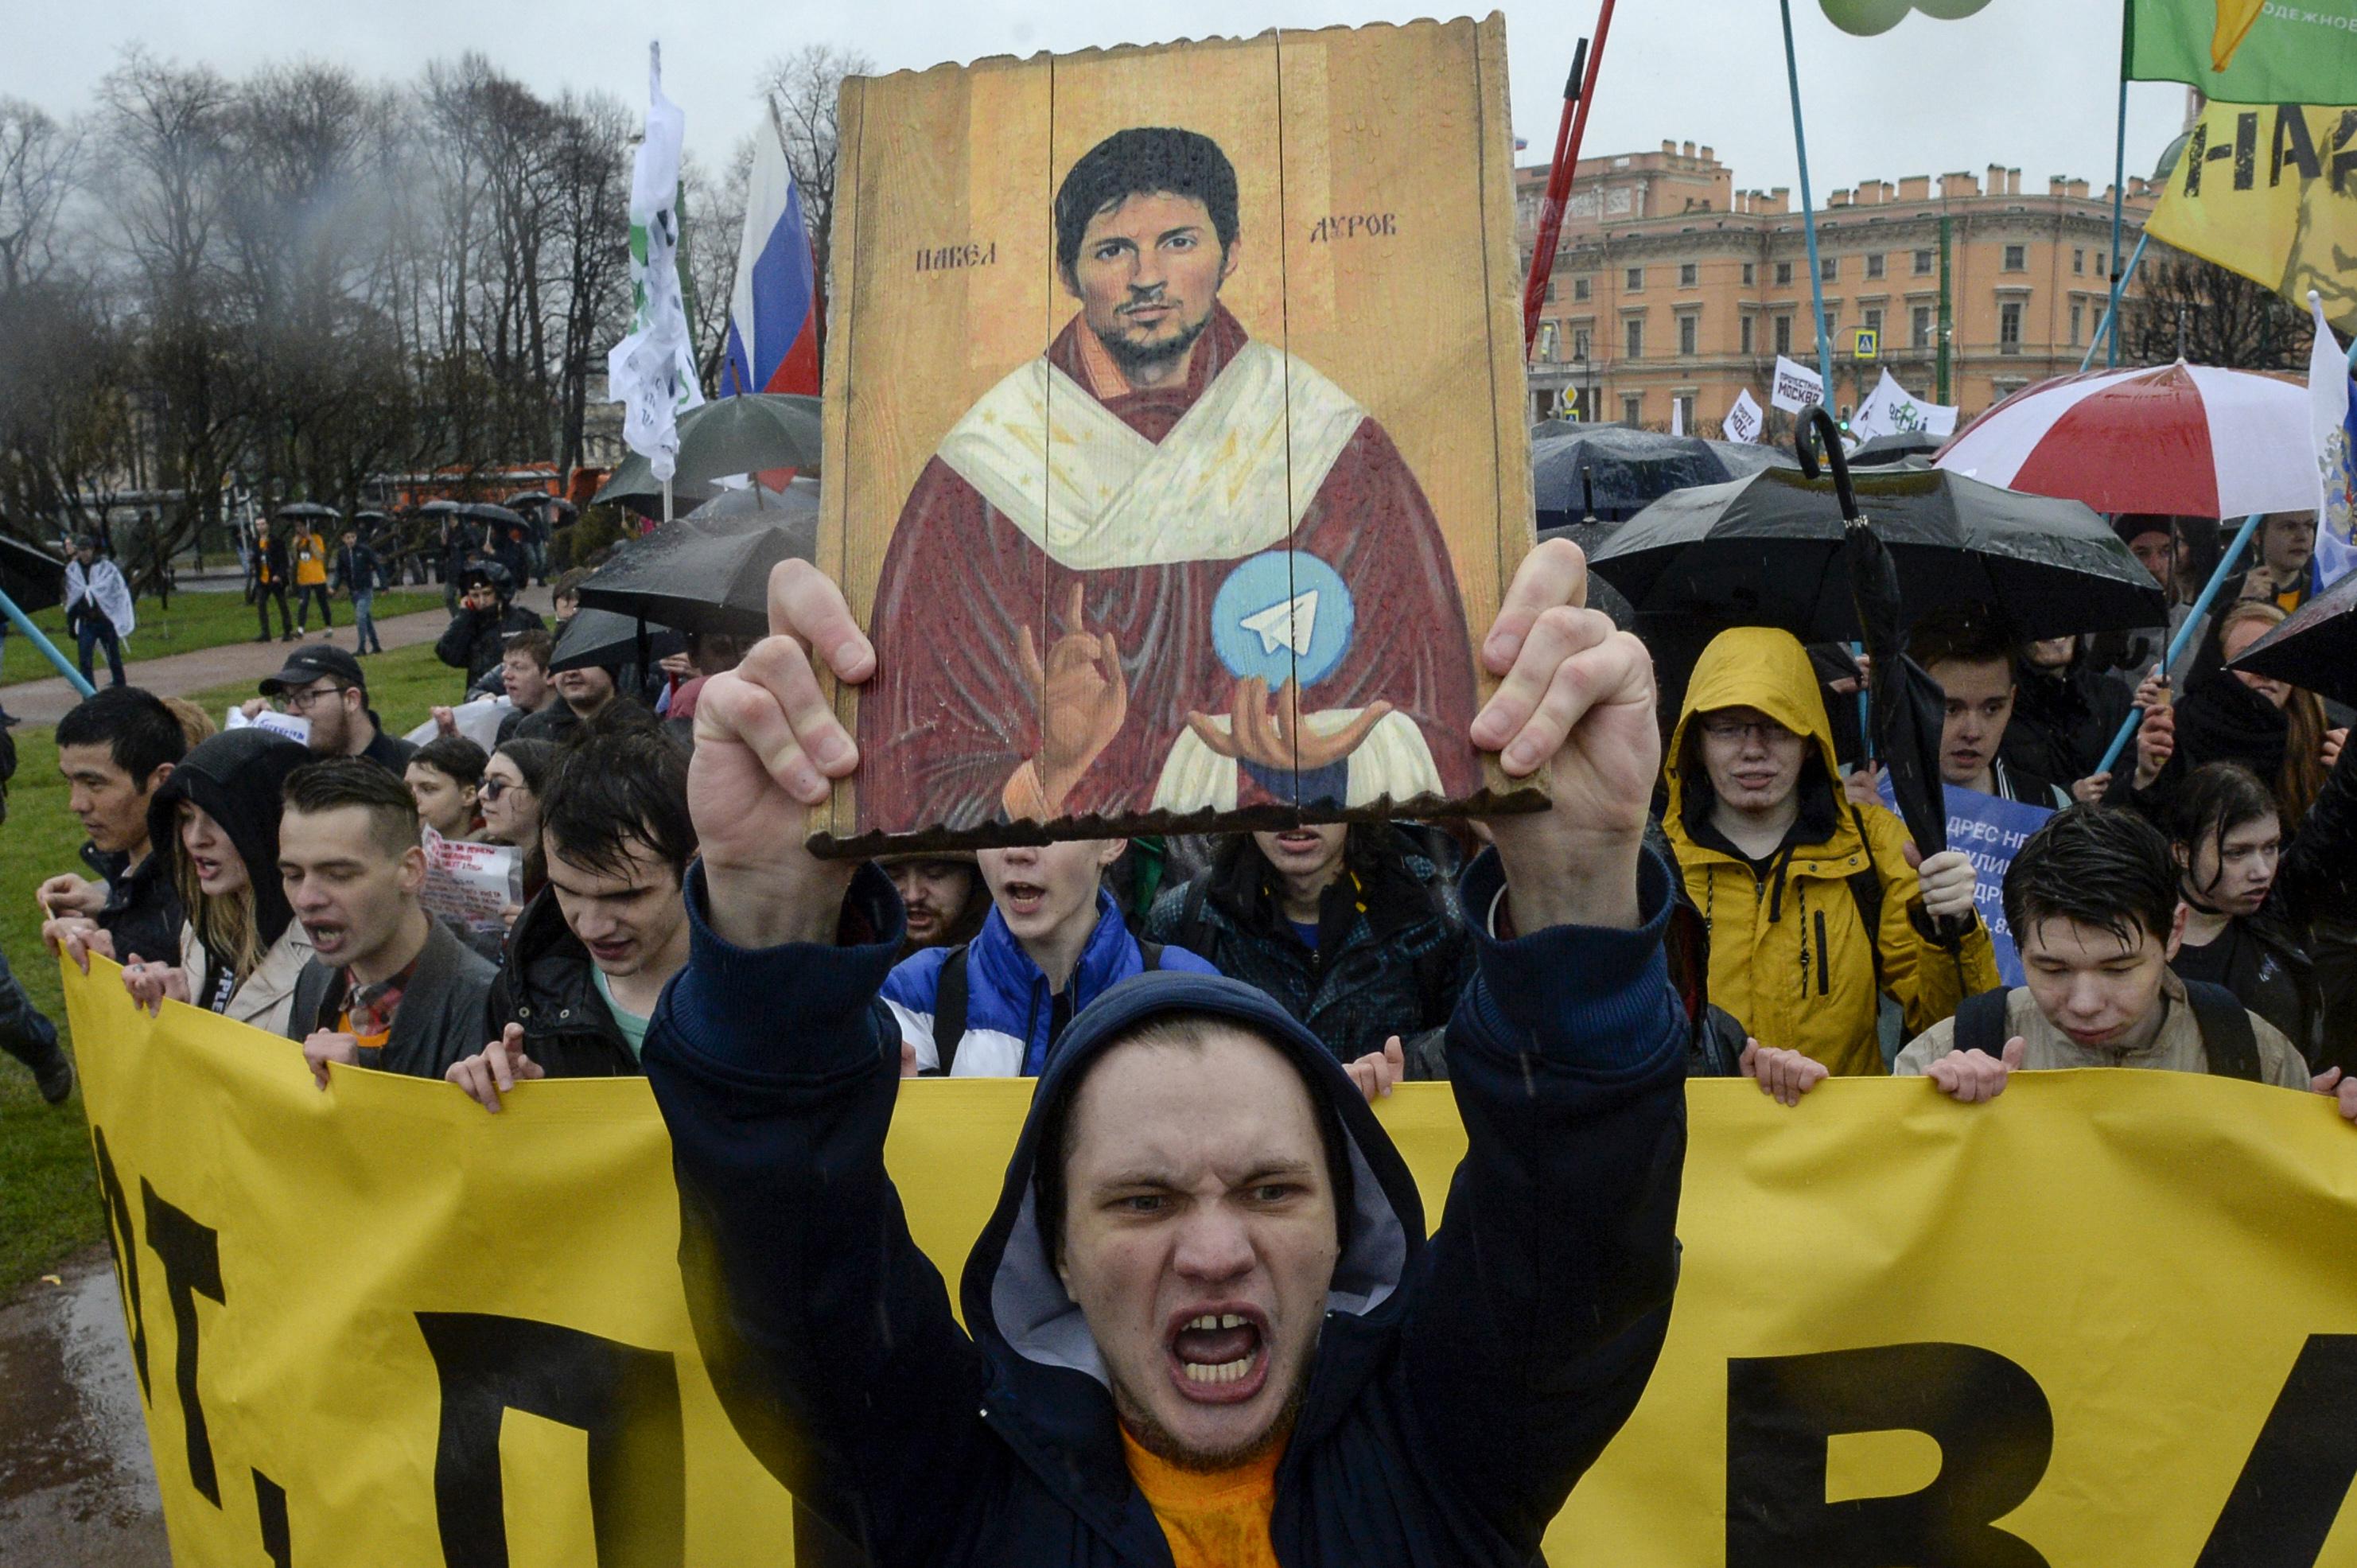 Qozoqlar Rossiyaning davomli senzura harakatlarini qoralamoqda